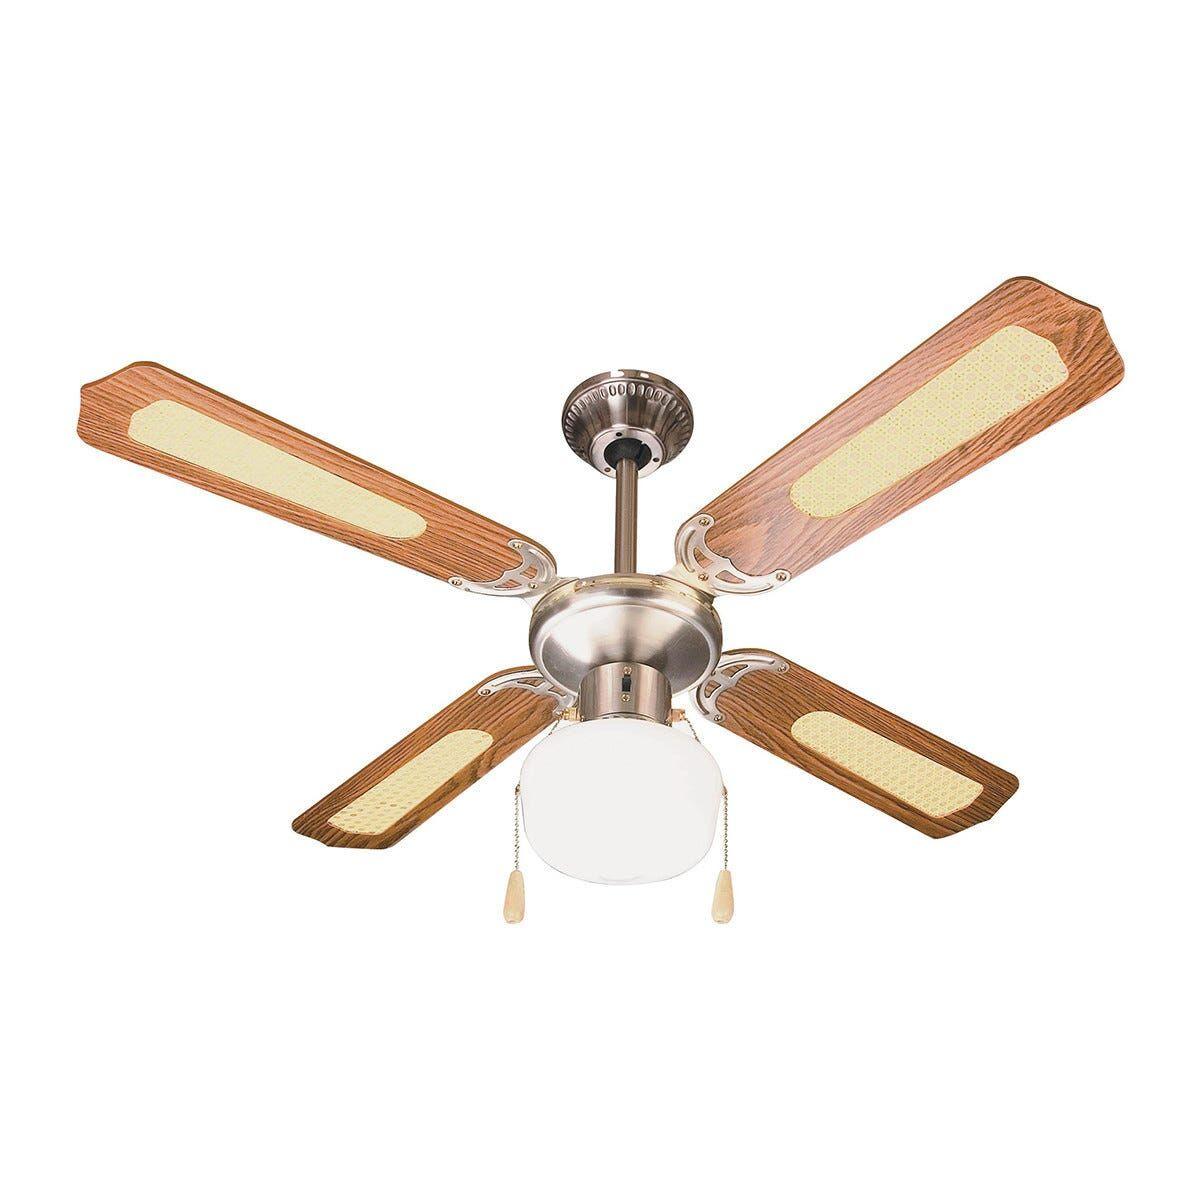 ventilatore da soffitto 4 pale Ø 105 cm marrone con rattan luce e comando a cordicella